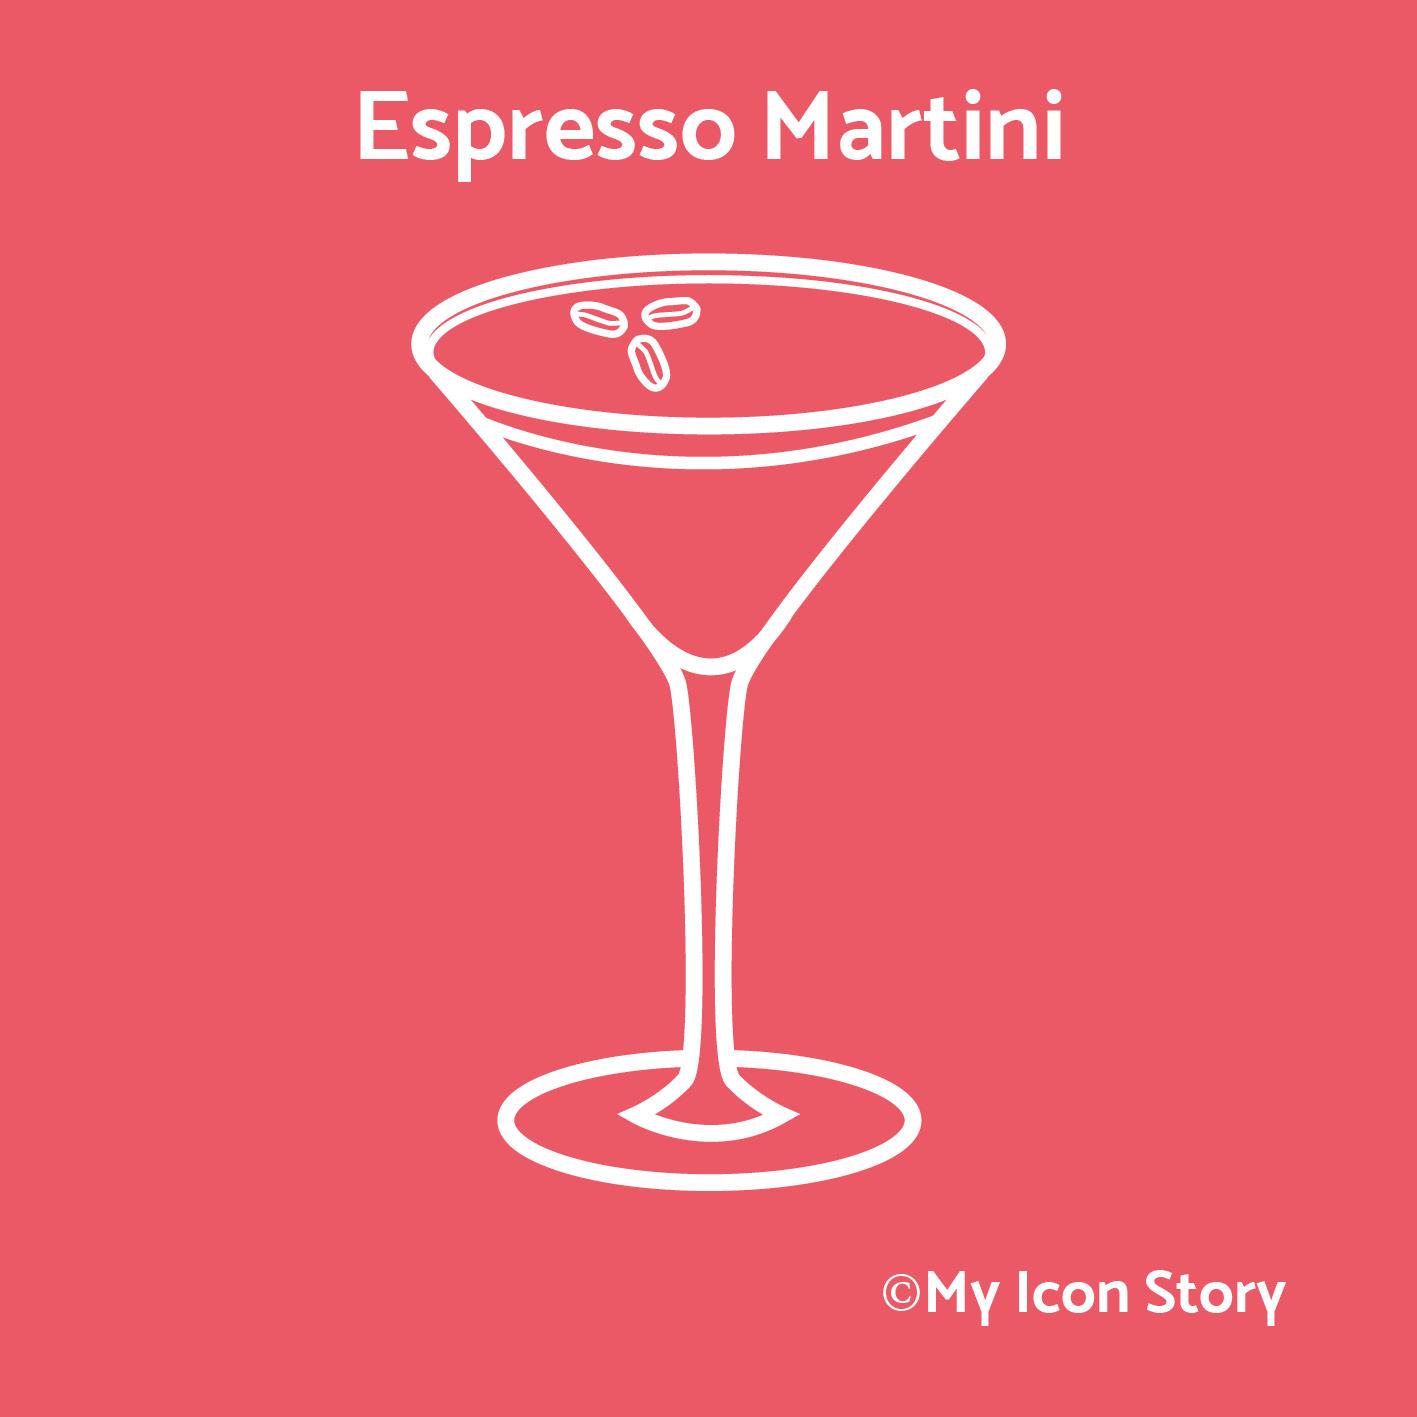 Espresso Martini icon